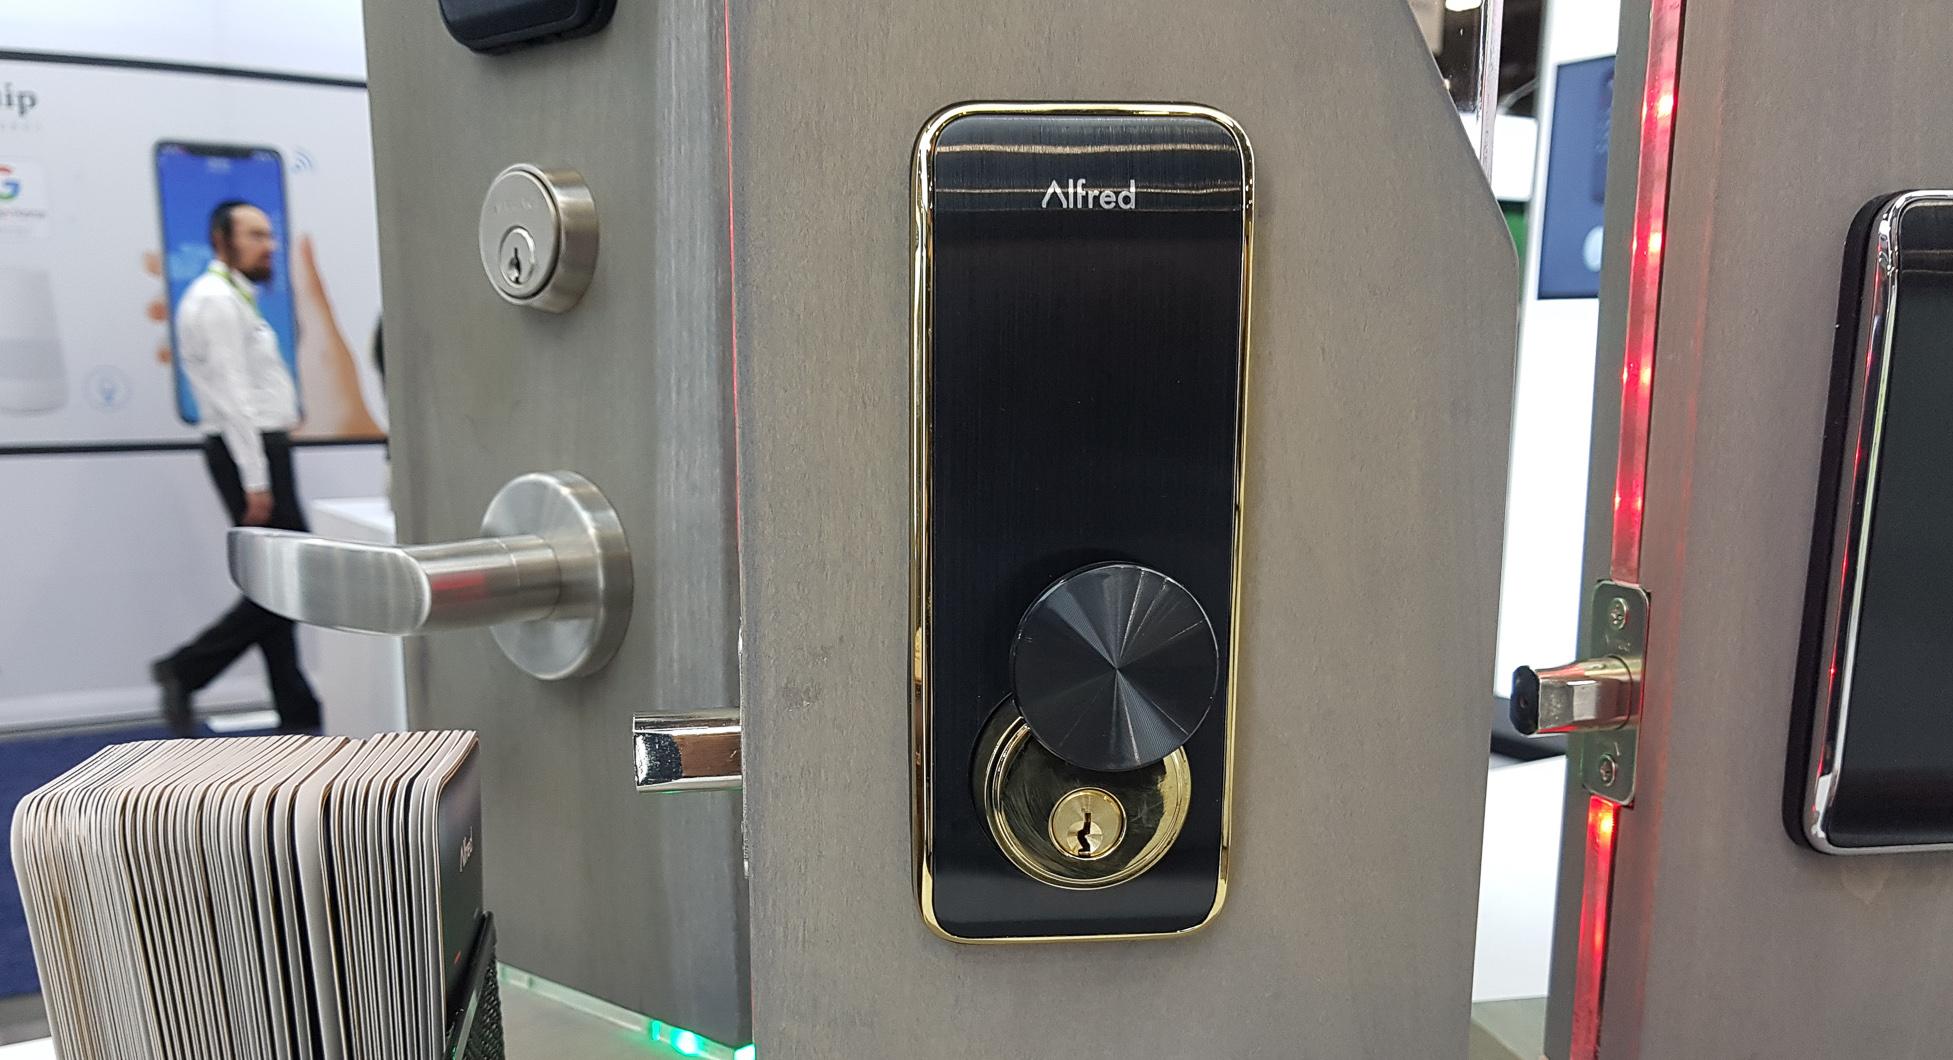 #CES2019 : Découverte de la serrure connectée Alfred avec clavier intégré en Z-Wave